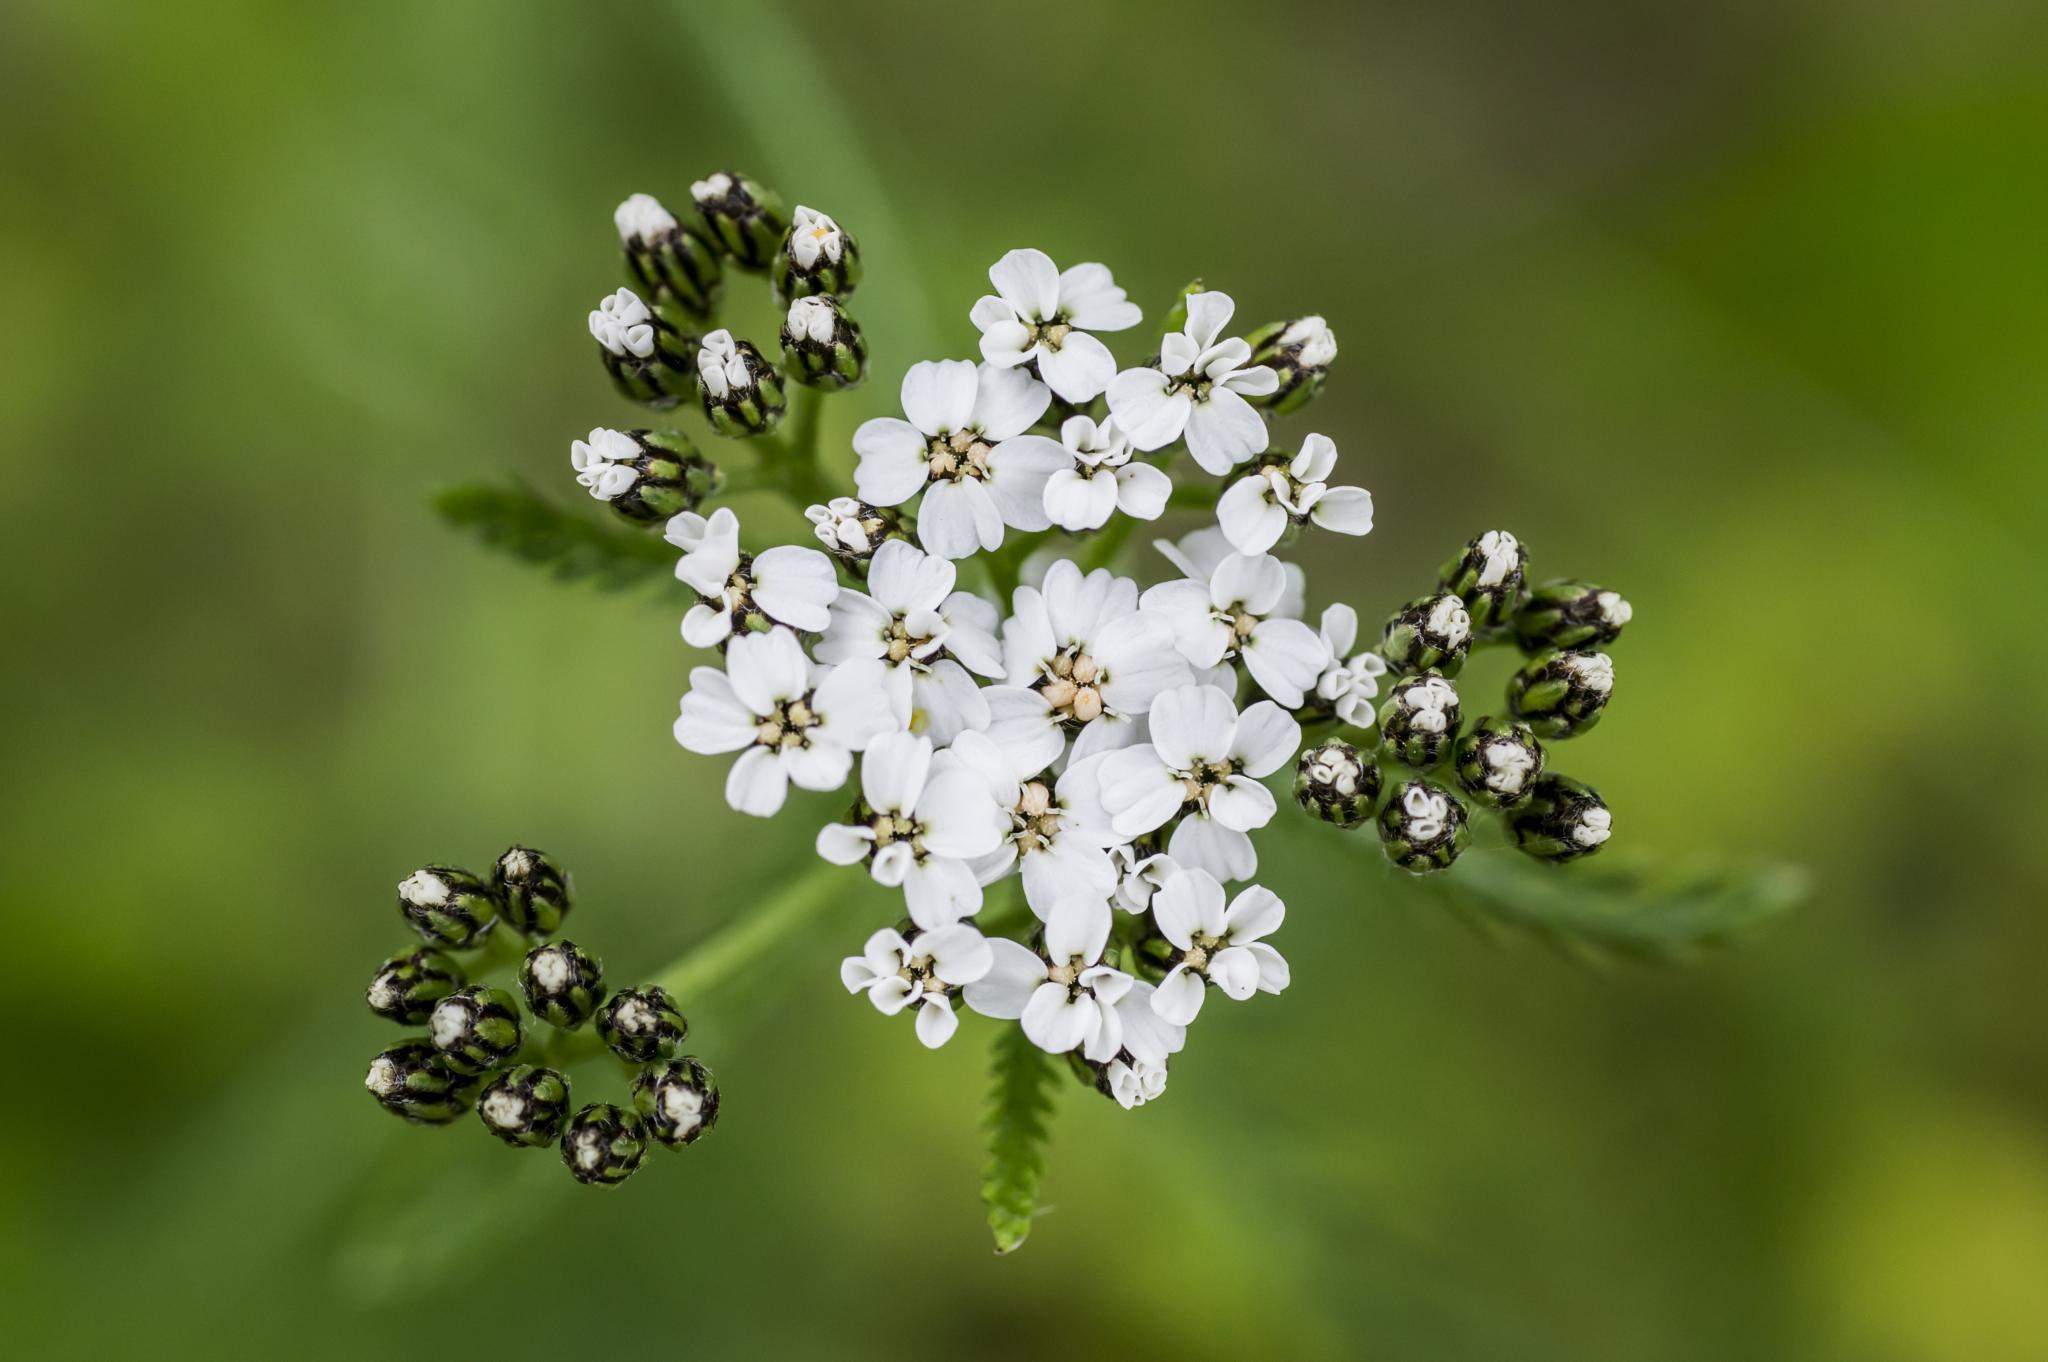 flower by gorber